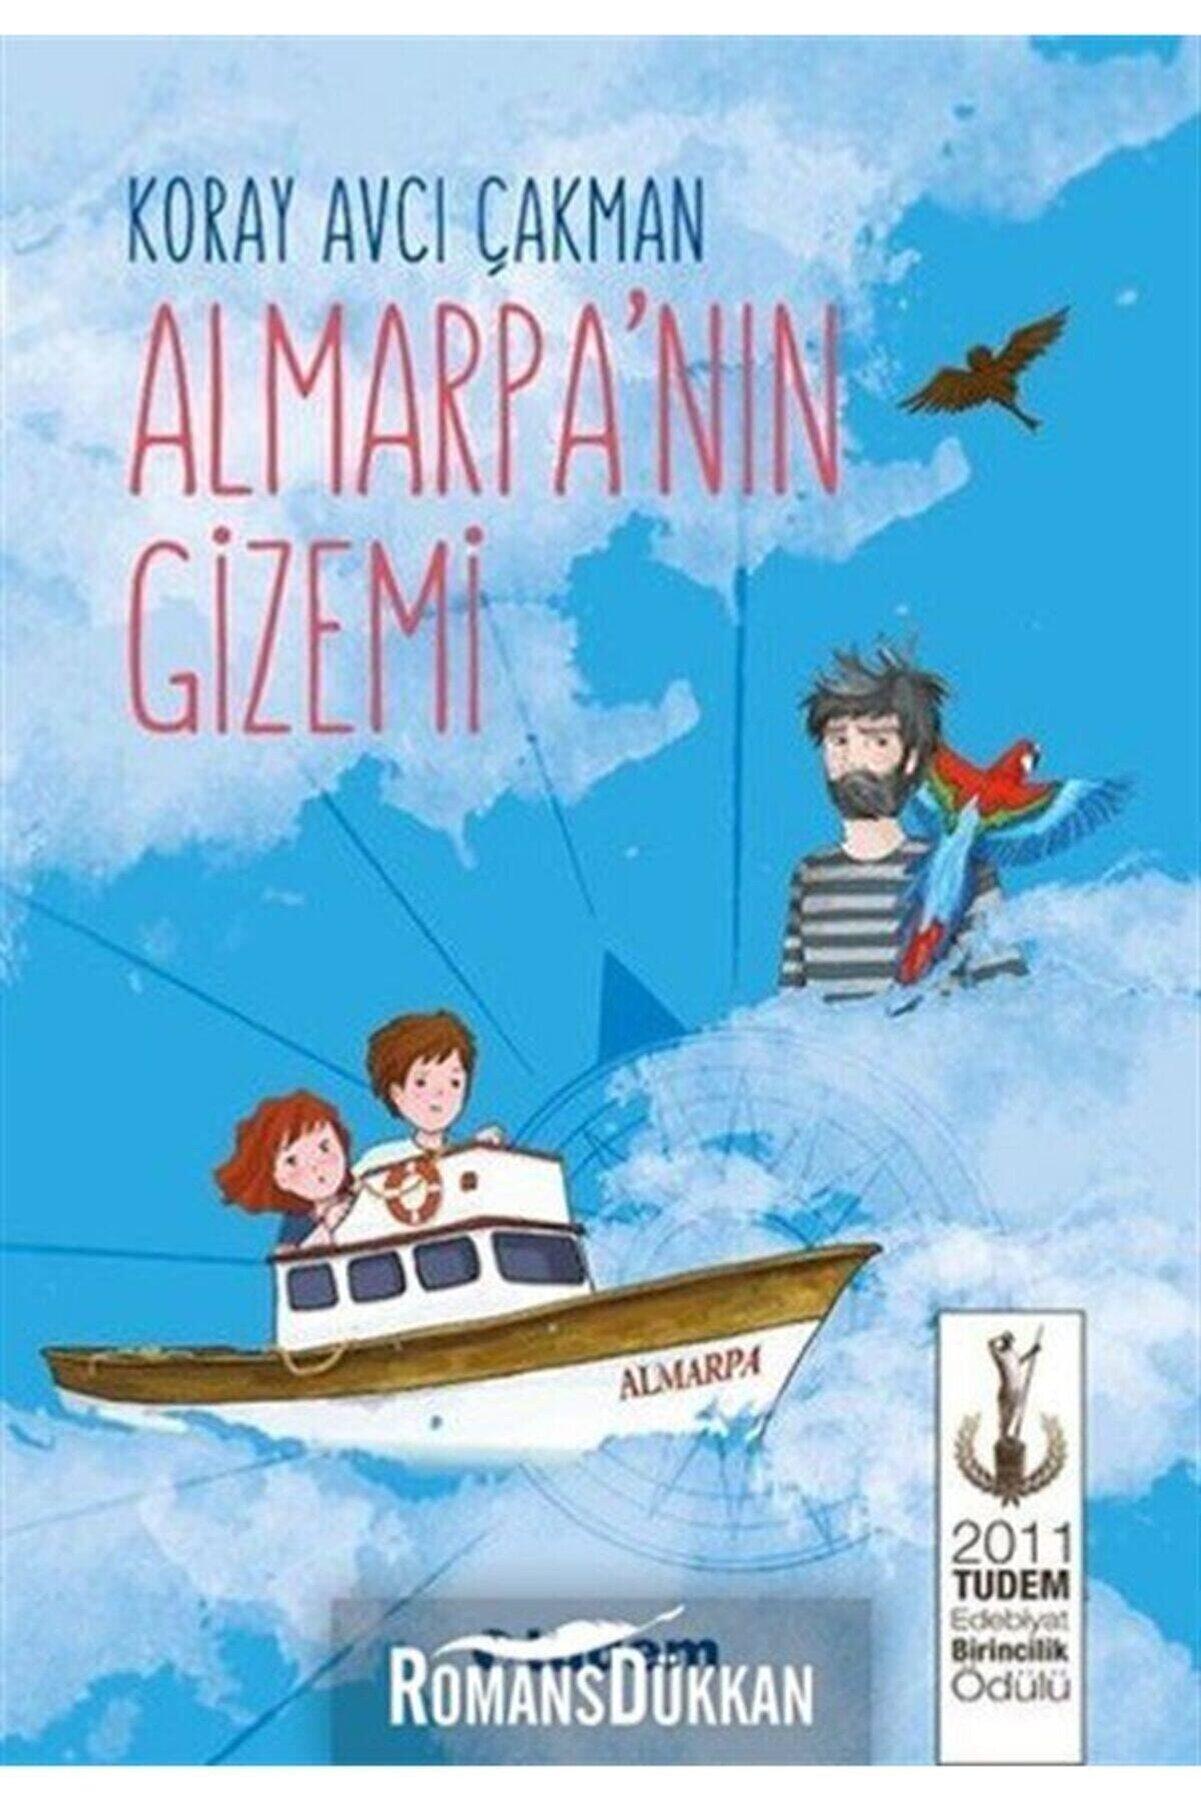 Tudem Yayınları Almarpa'nın Gizemi  Koray Avcı Çakman